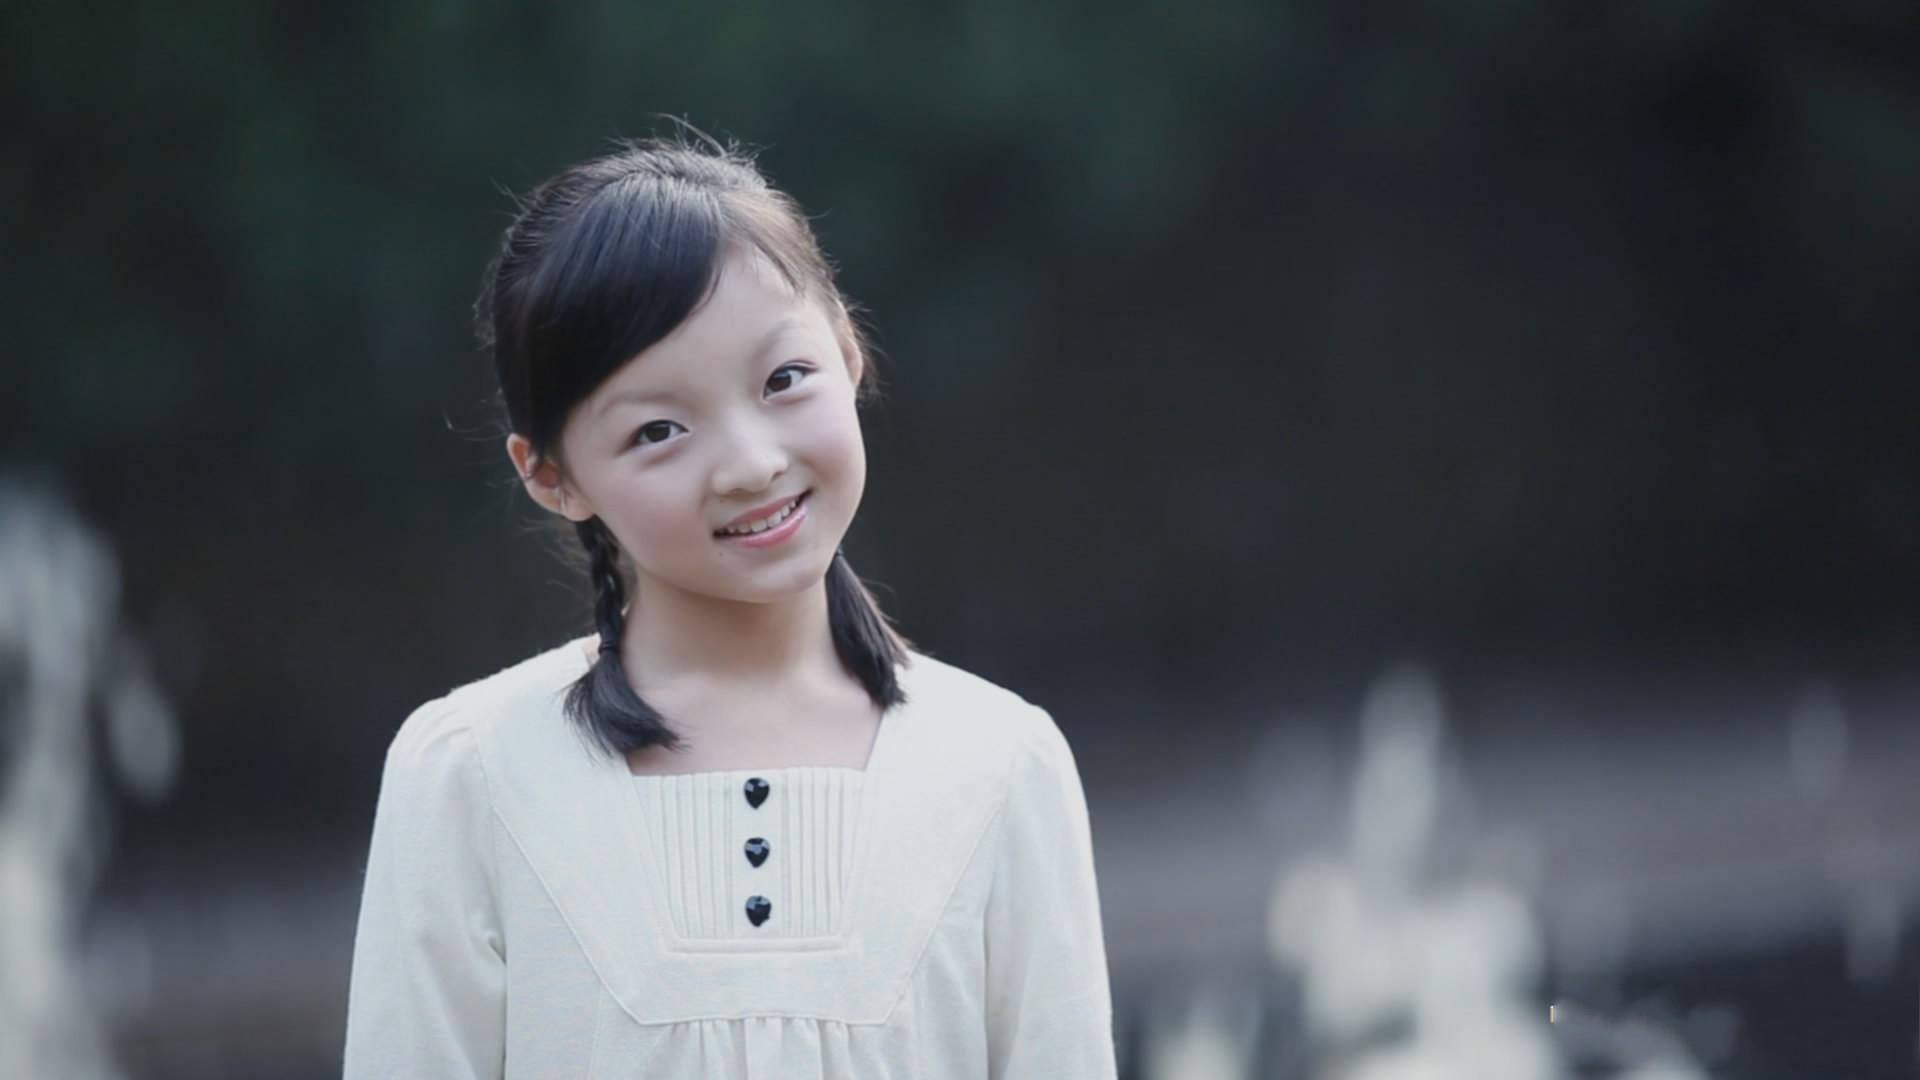 孔莹(中国内地戏曲,影视,歌唱童星)